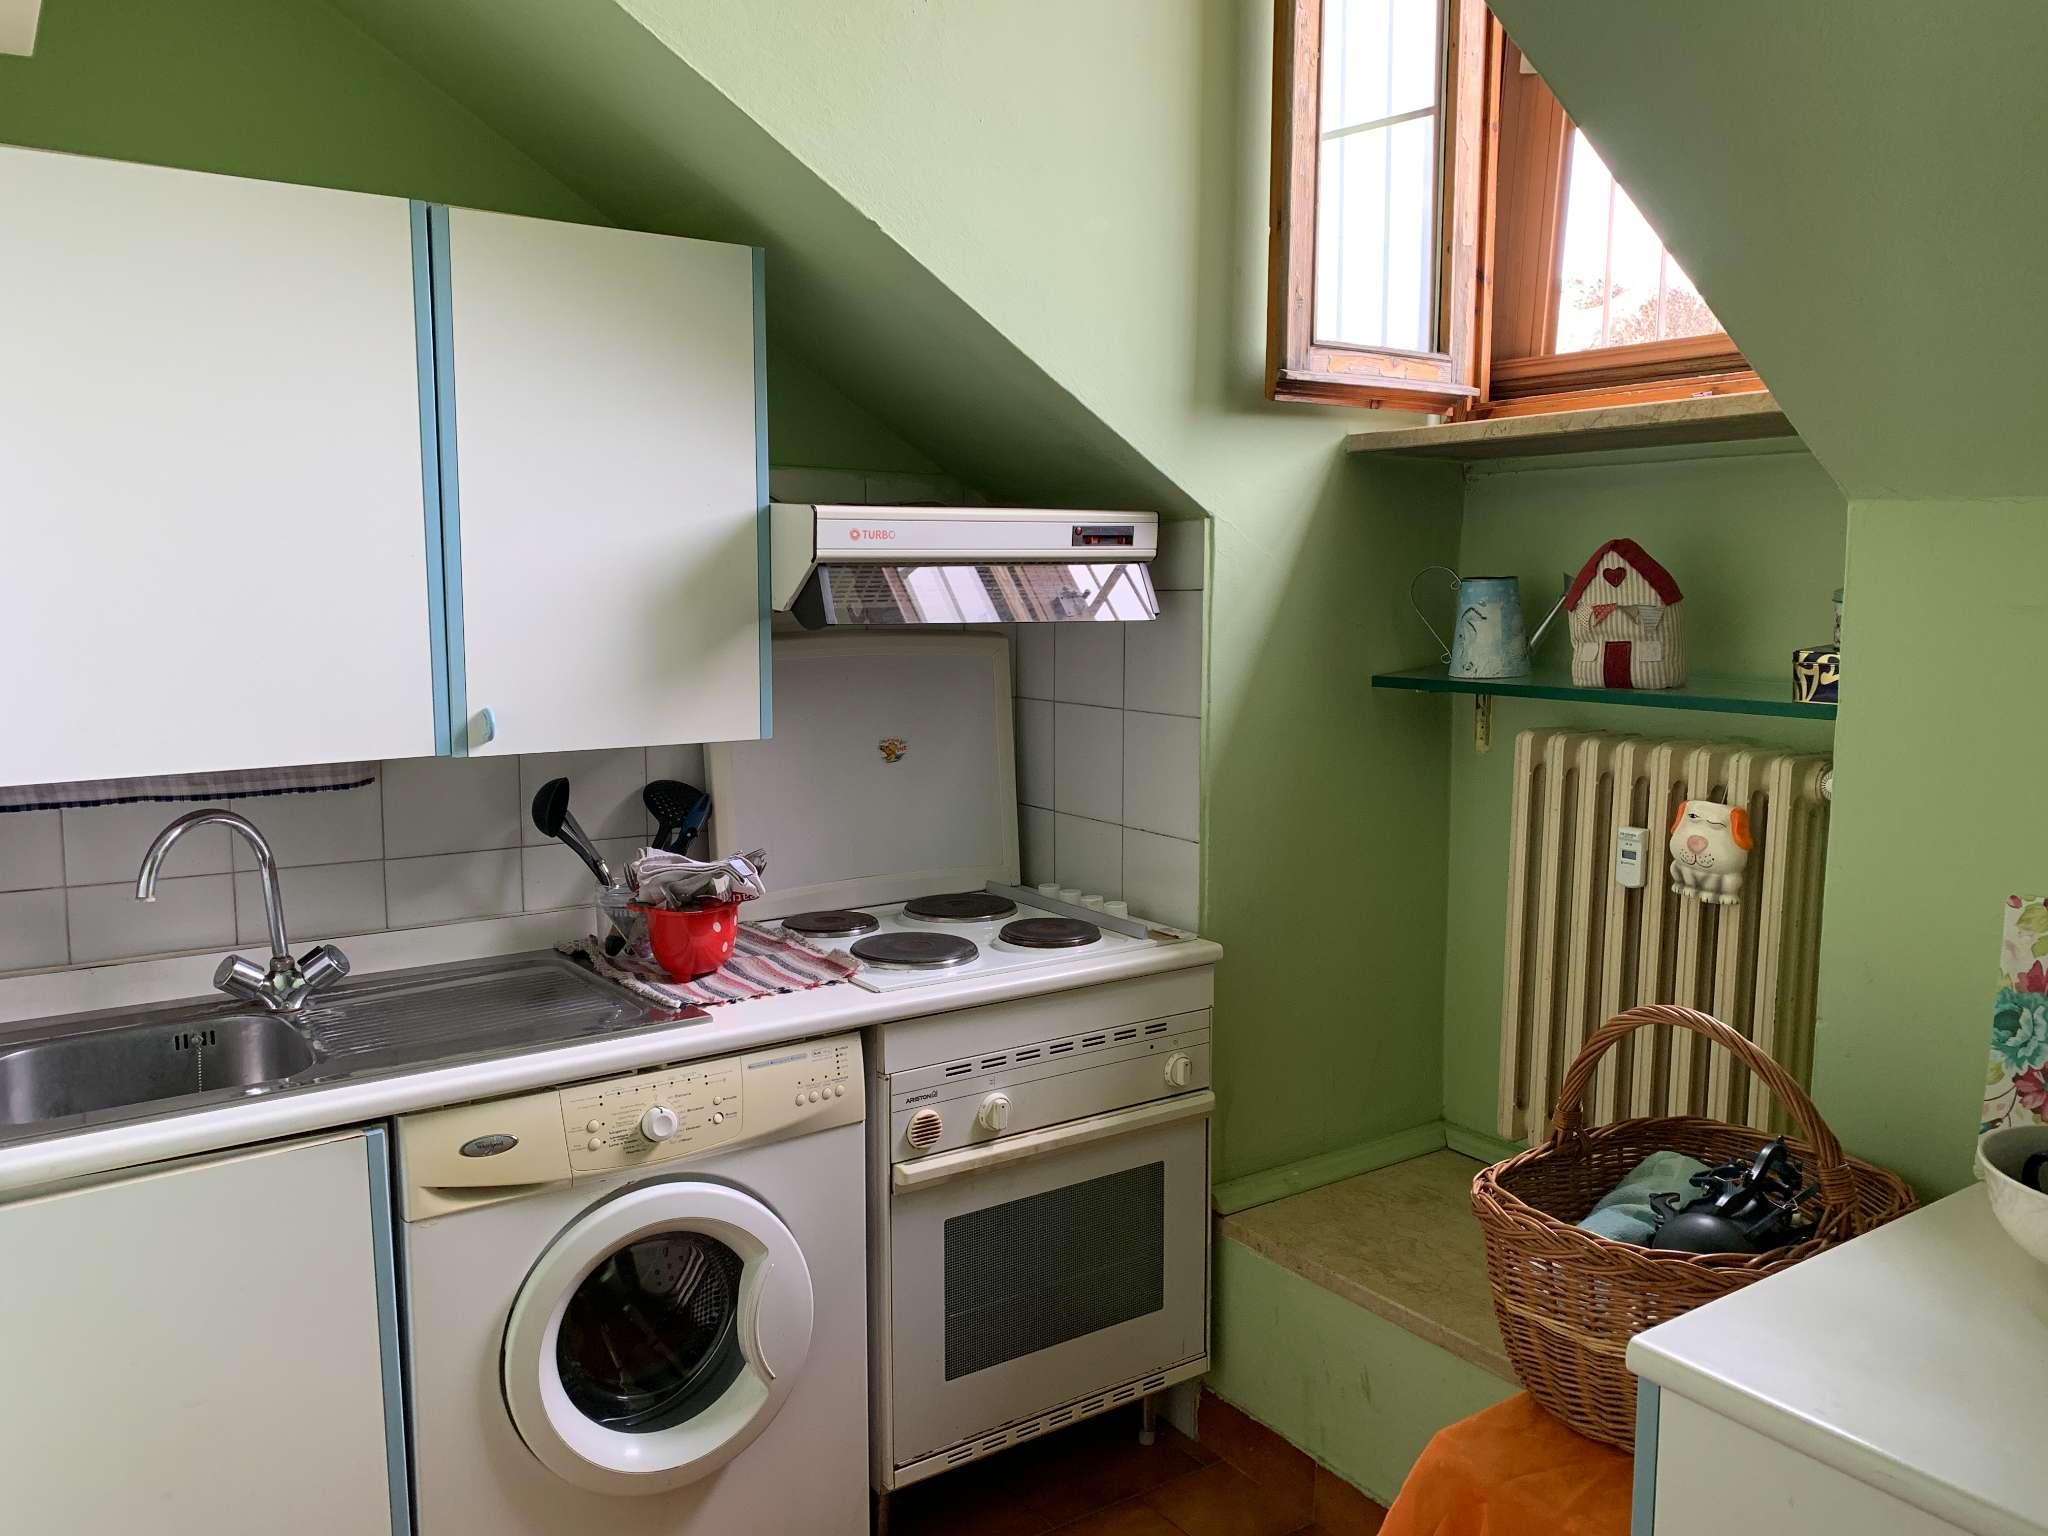 Appartamento in affitto a Torino, 2 locali, zona Centro, Quadrilatero Romano, Repubblica, Giardini Reali, prezzo € 400 | PortaleAgenzieImmobiliari.it